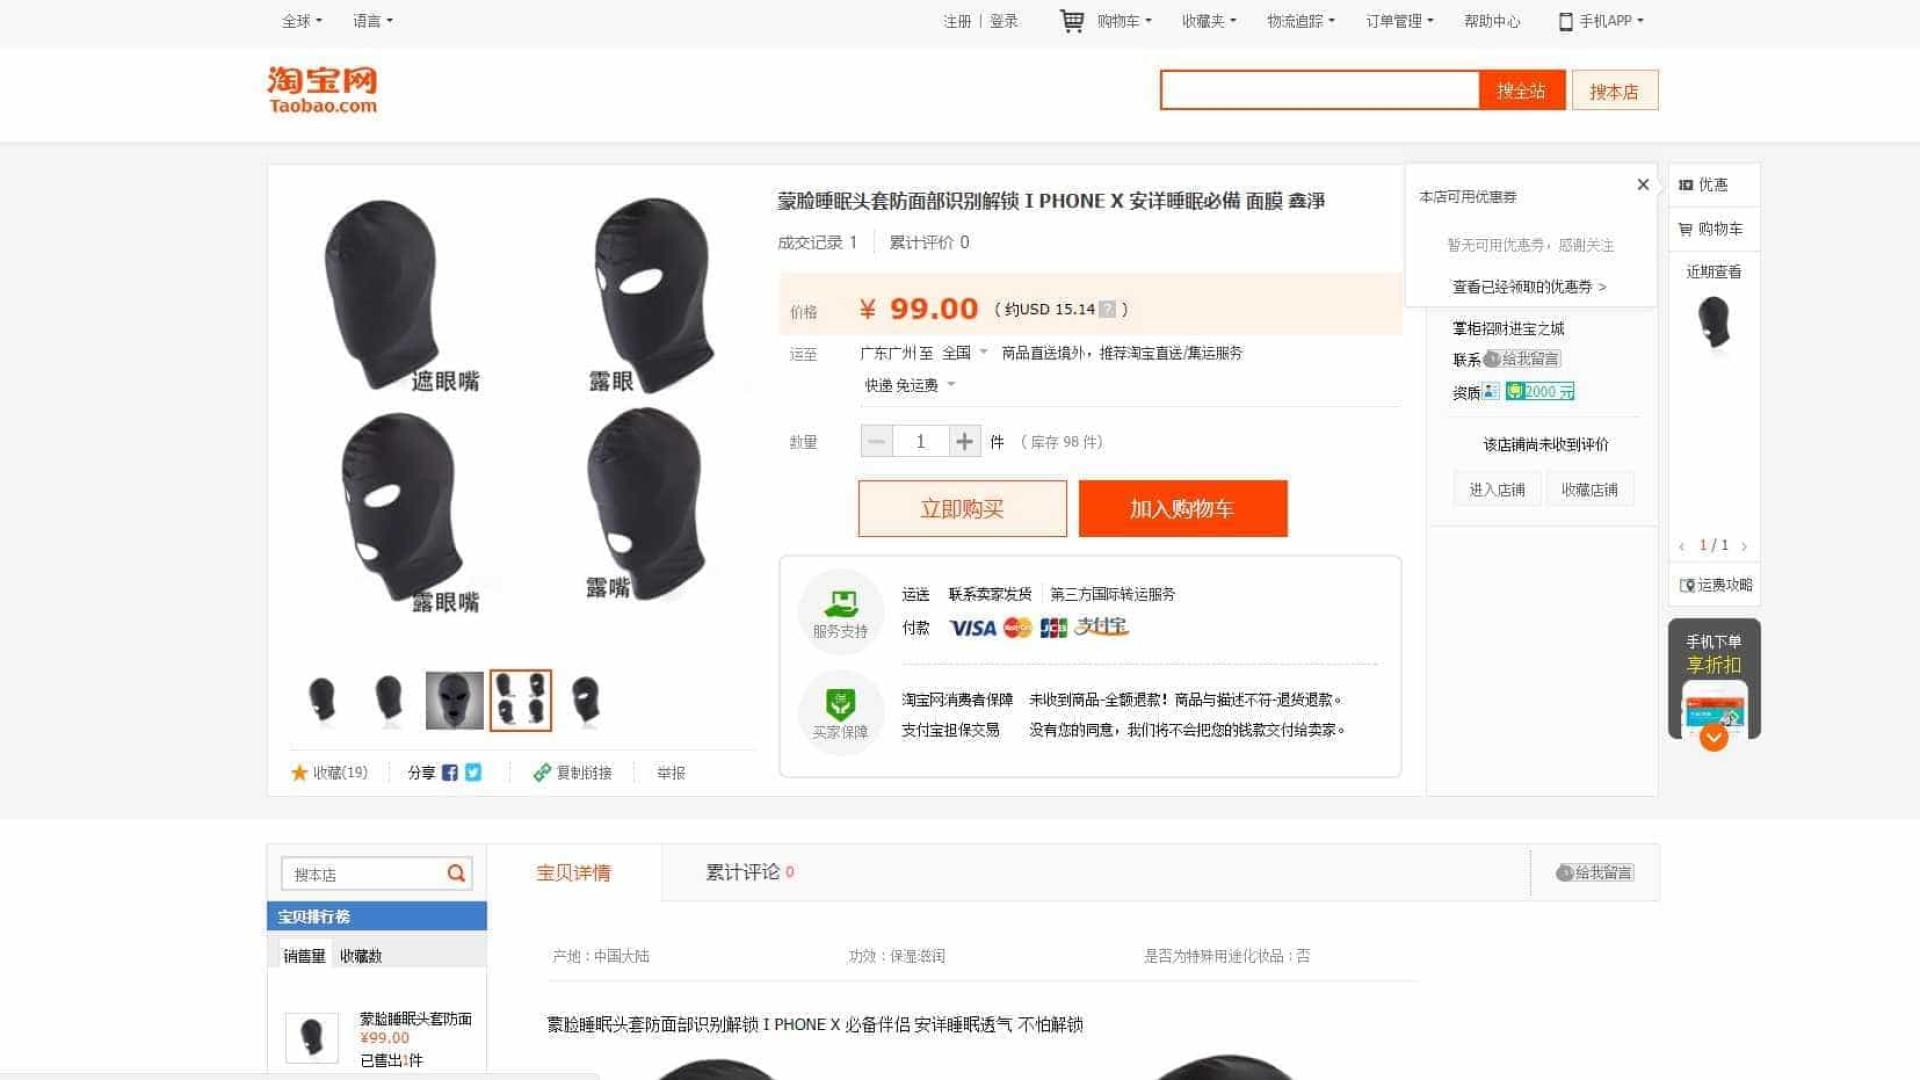 iPhone X: Lojas online chinesas começaram a vender máscaras protetoras